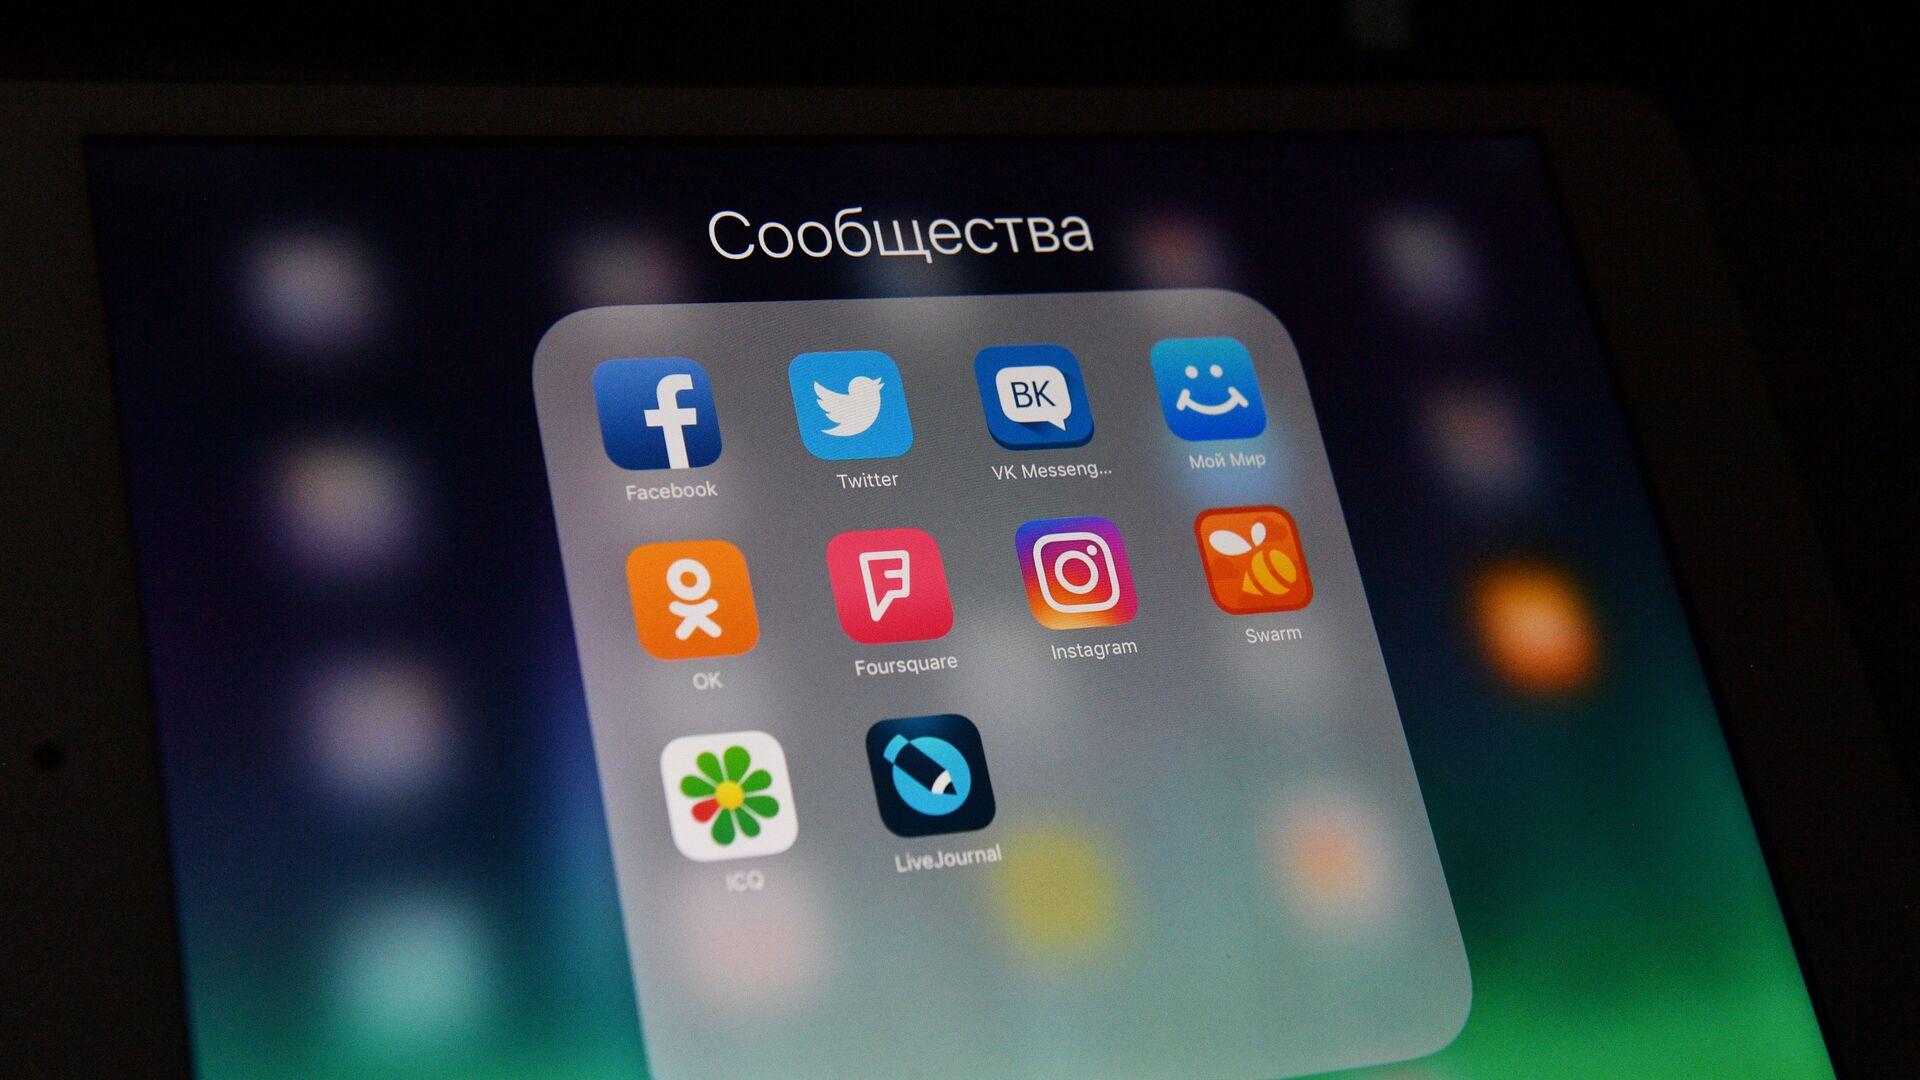 Иконки социальных сетей на экране смартфона - РИА Новости, 1920, 17.03.2021